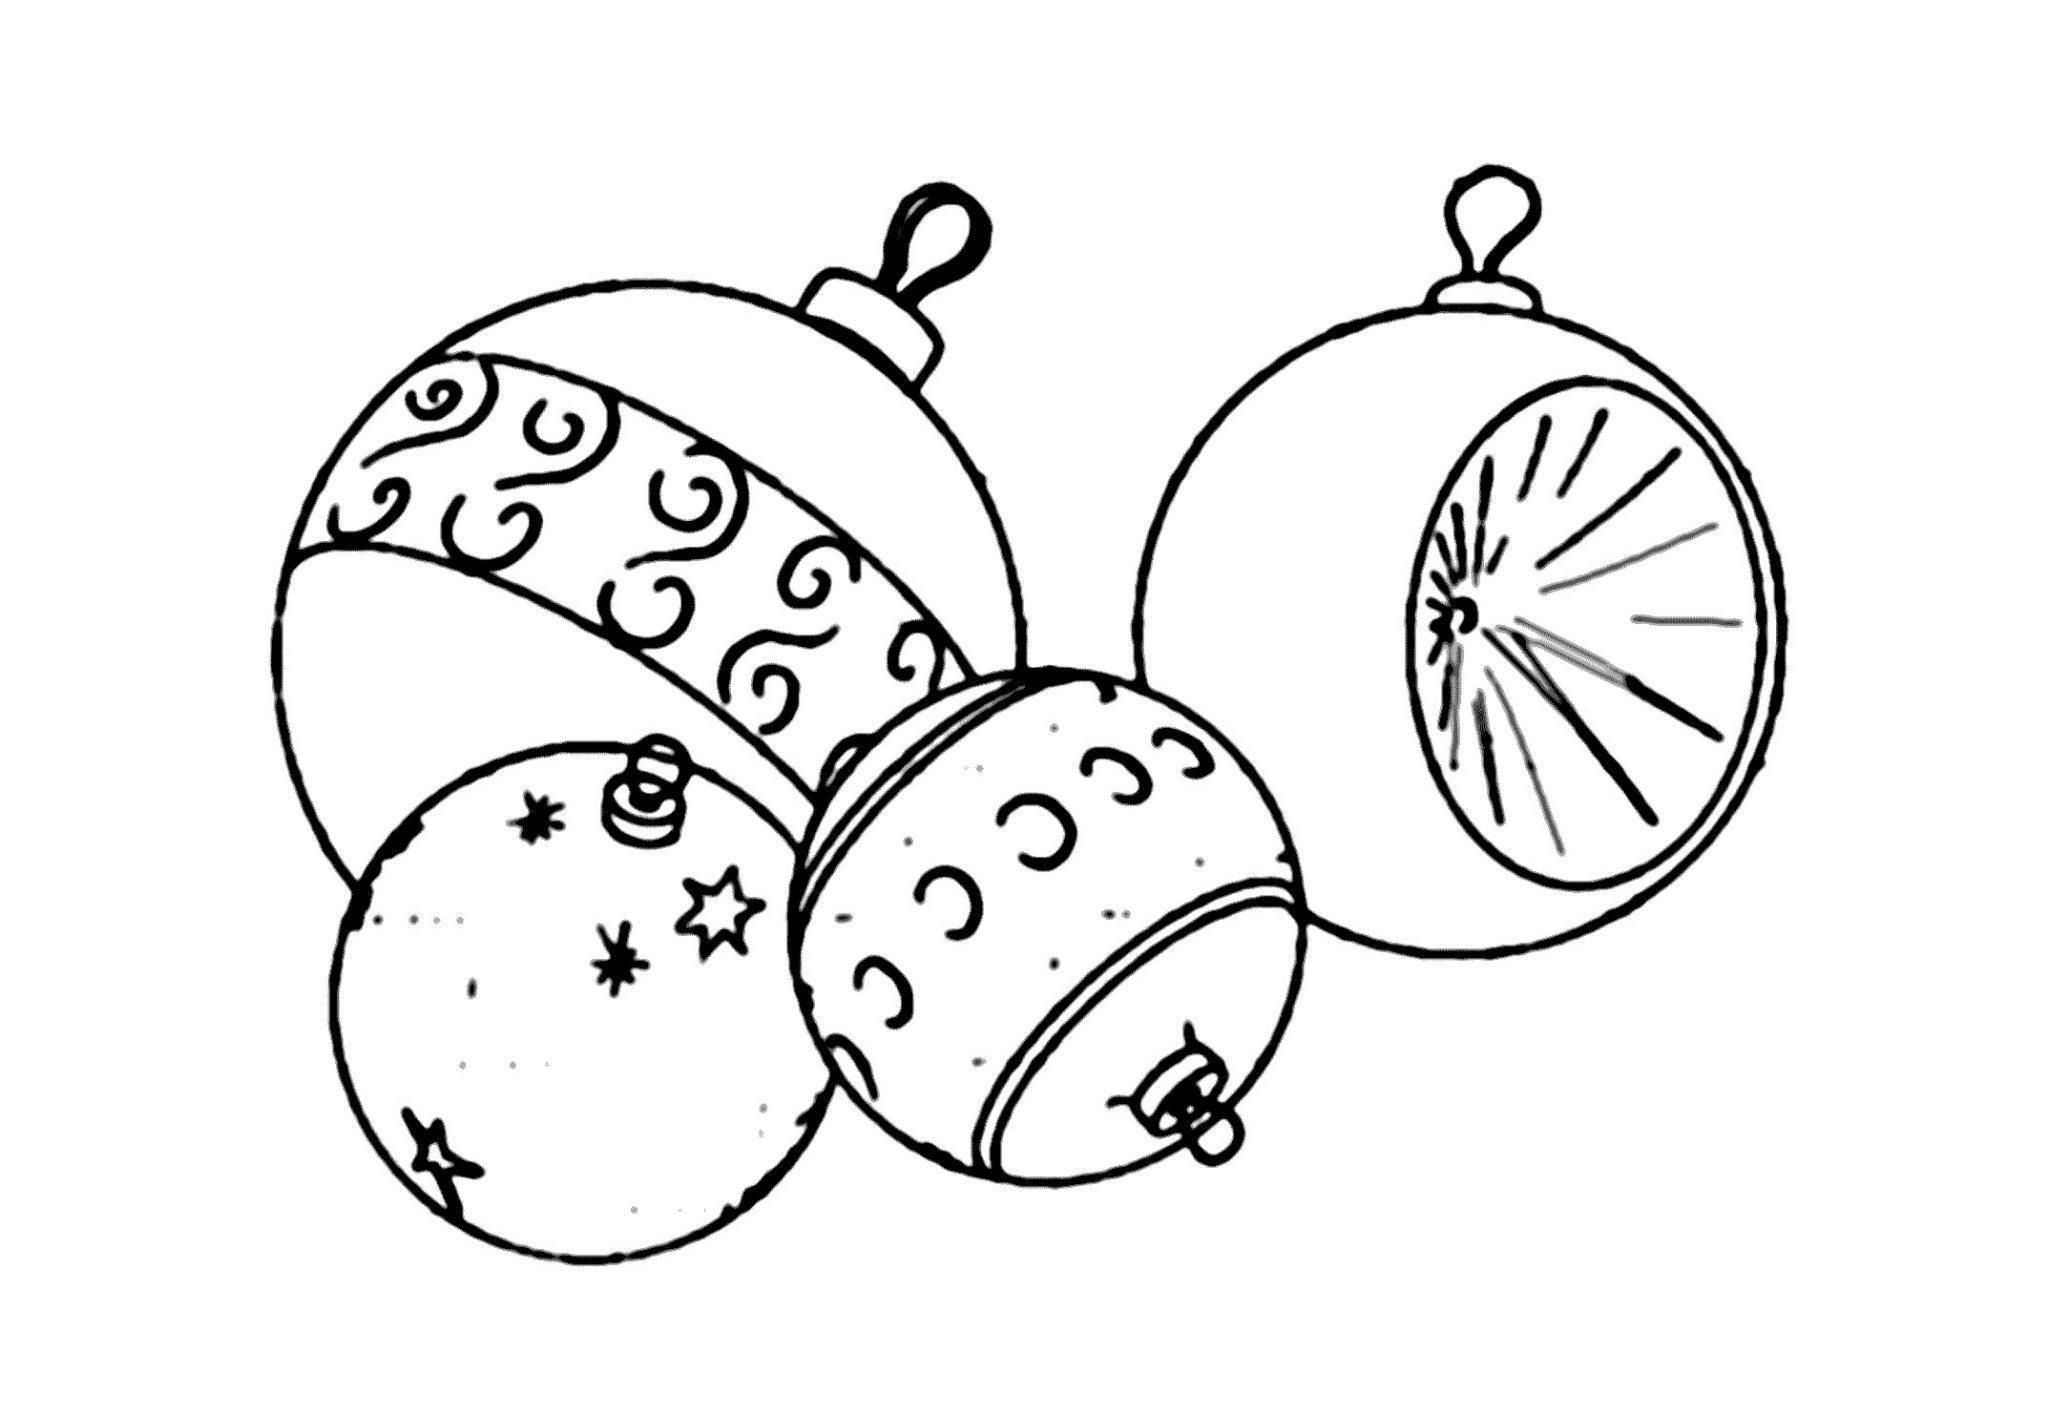 раскраска новогодние игрушки распечатать